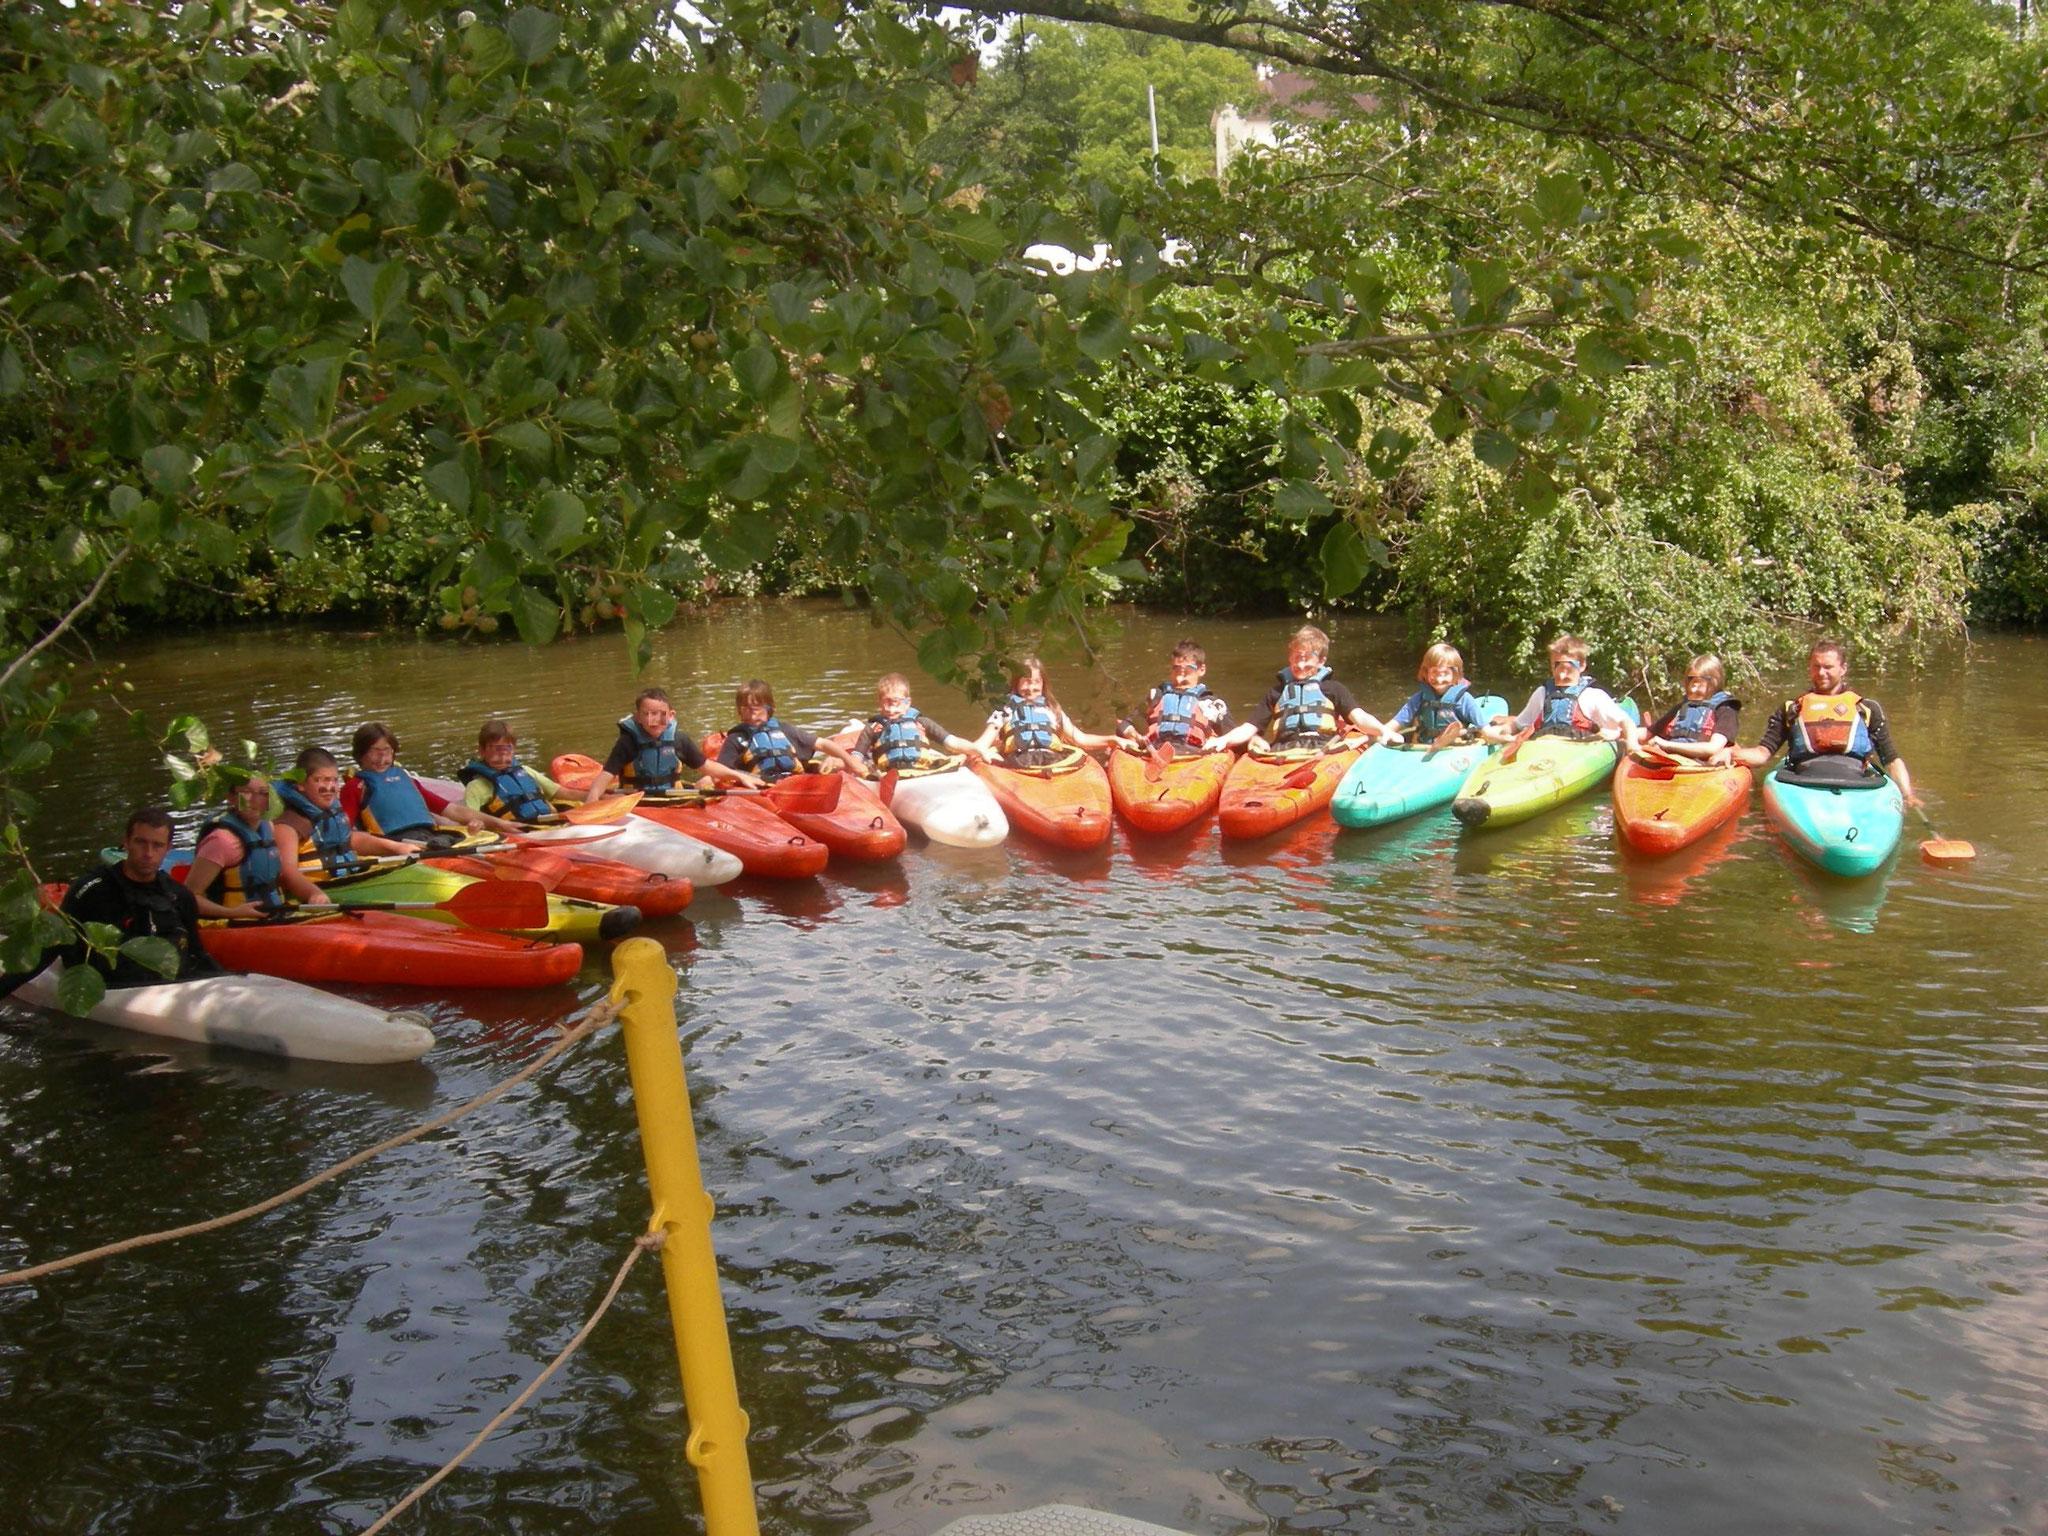 Séance kayak avec centre de loisirs!!